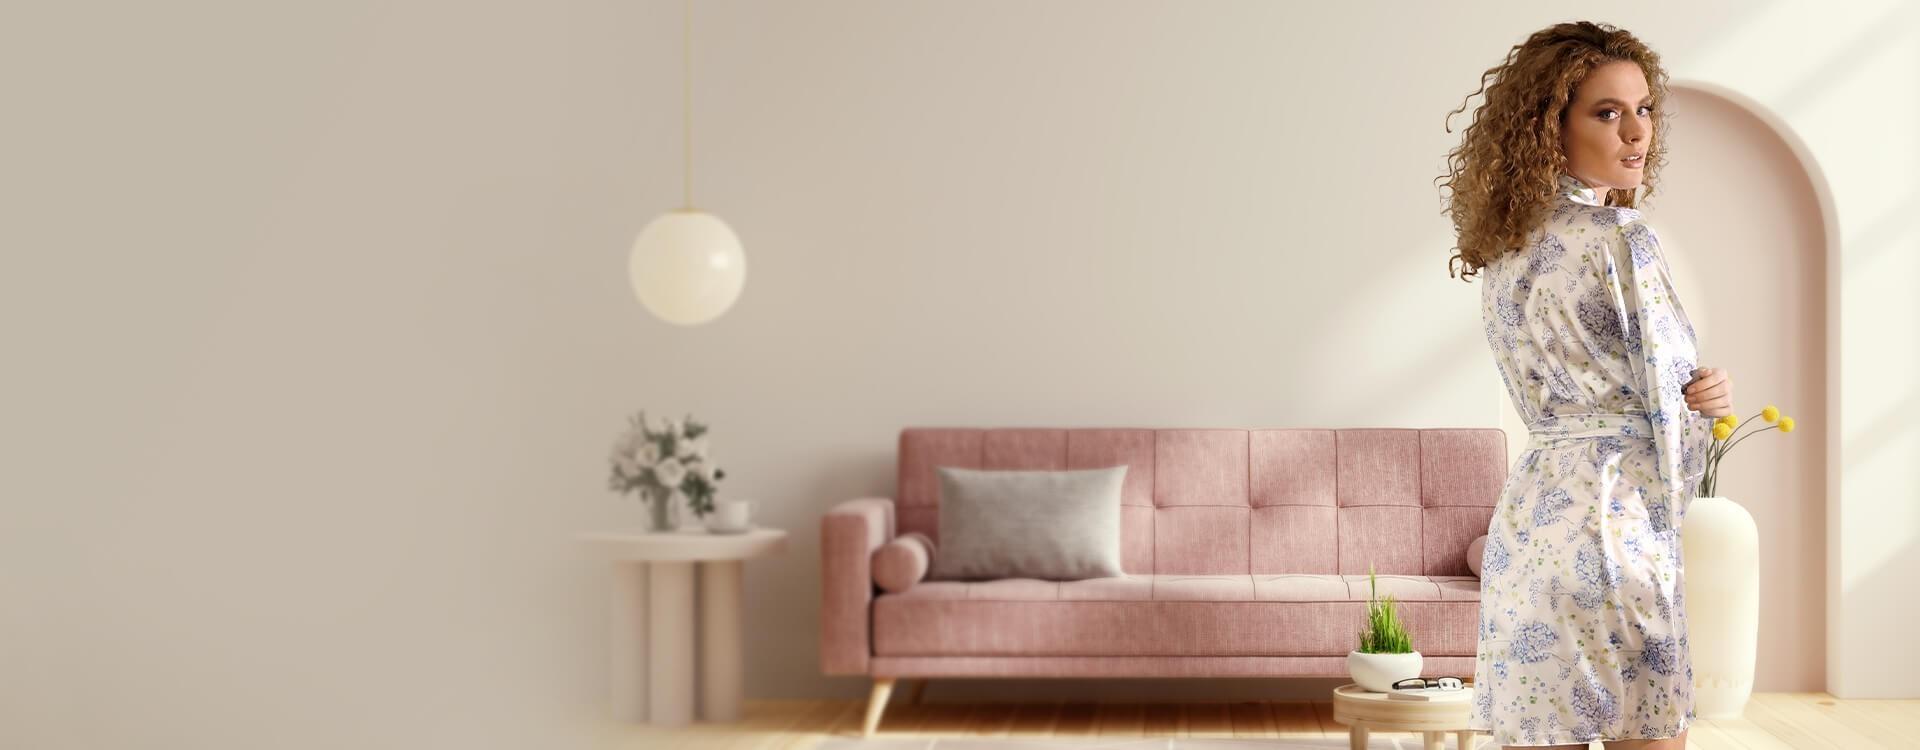 Cienkie szlafroczki to idealna propozycja na wiosenno-letnie wieczory i poranki. Szeroka oferta produktów sprawi, że każda Kobieta znajdzie szlafrok idealny dla siebie.